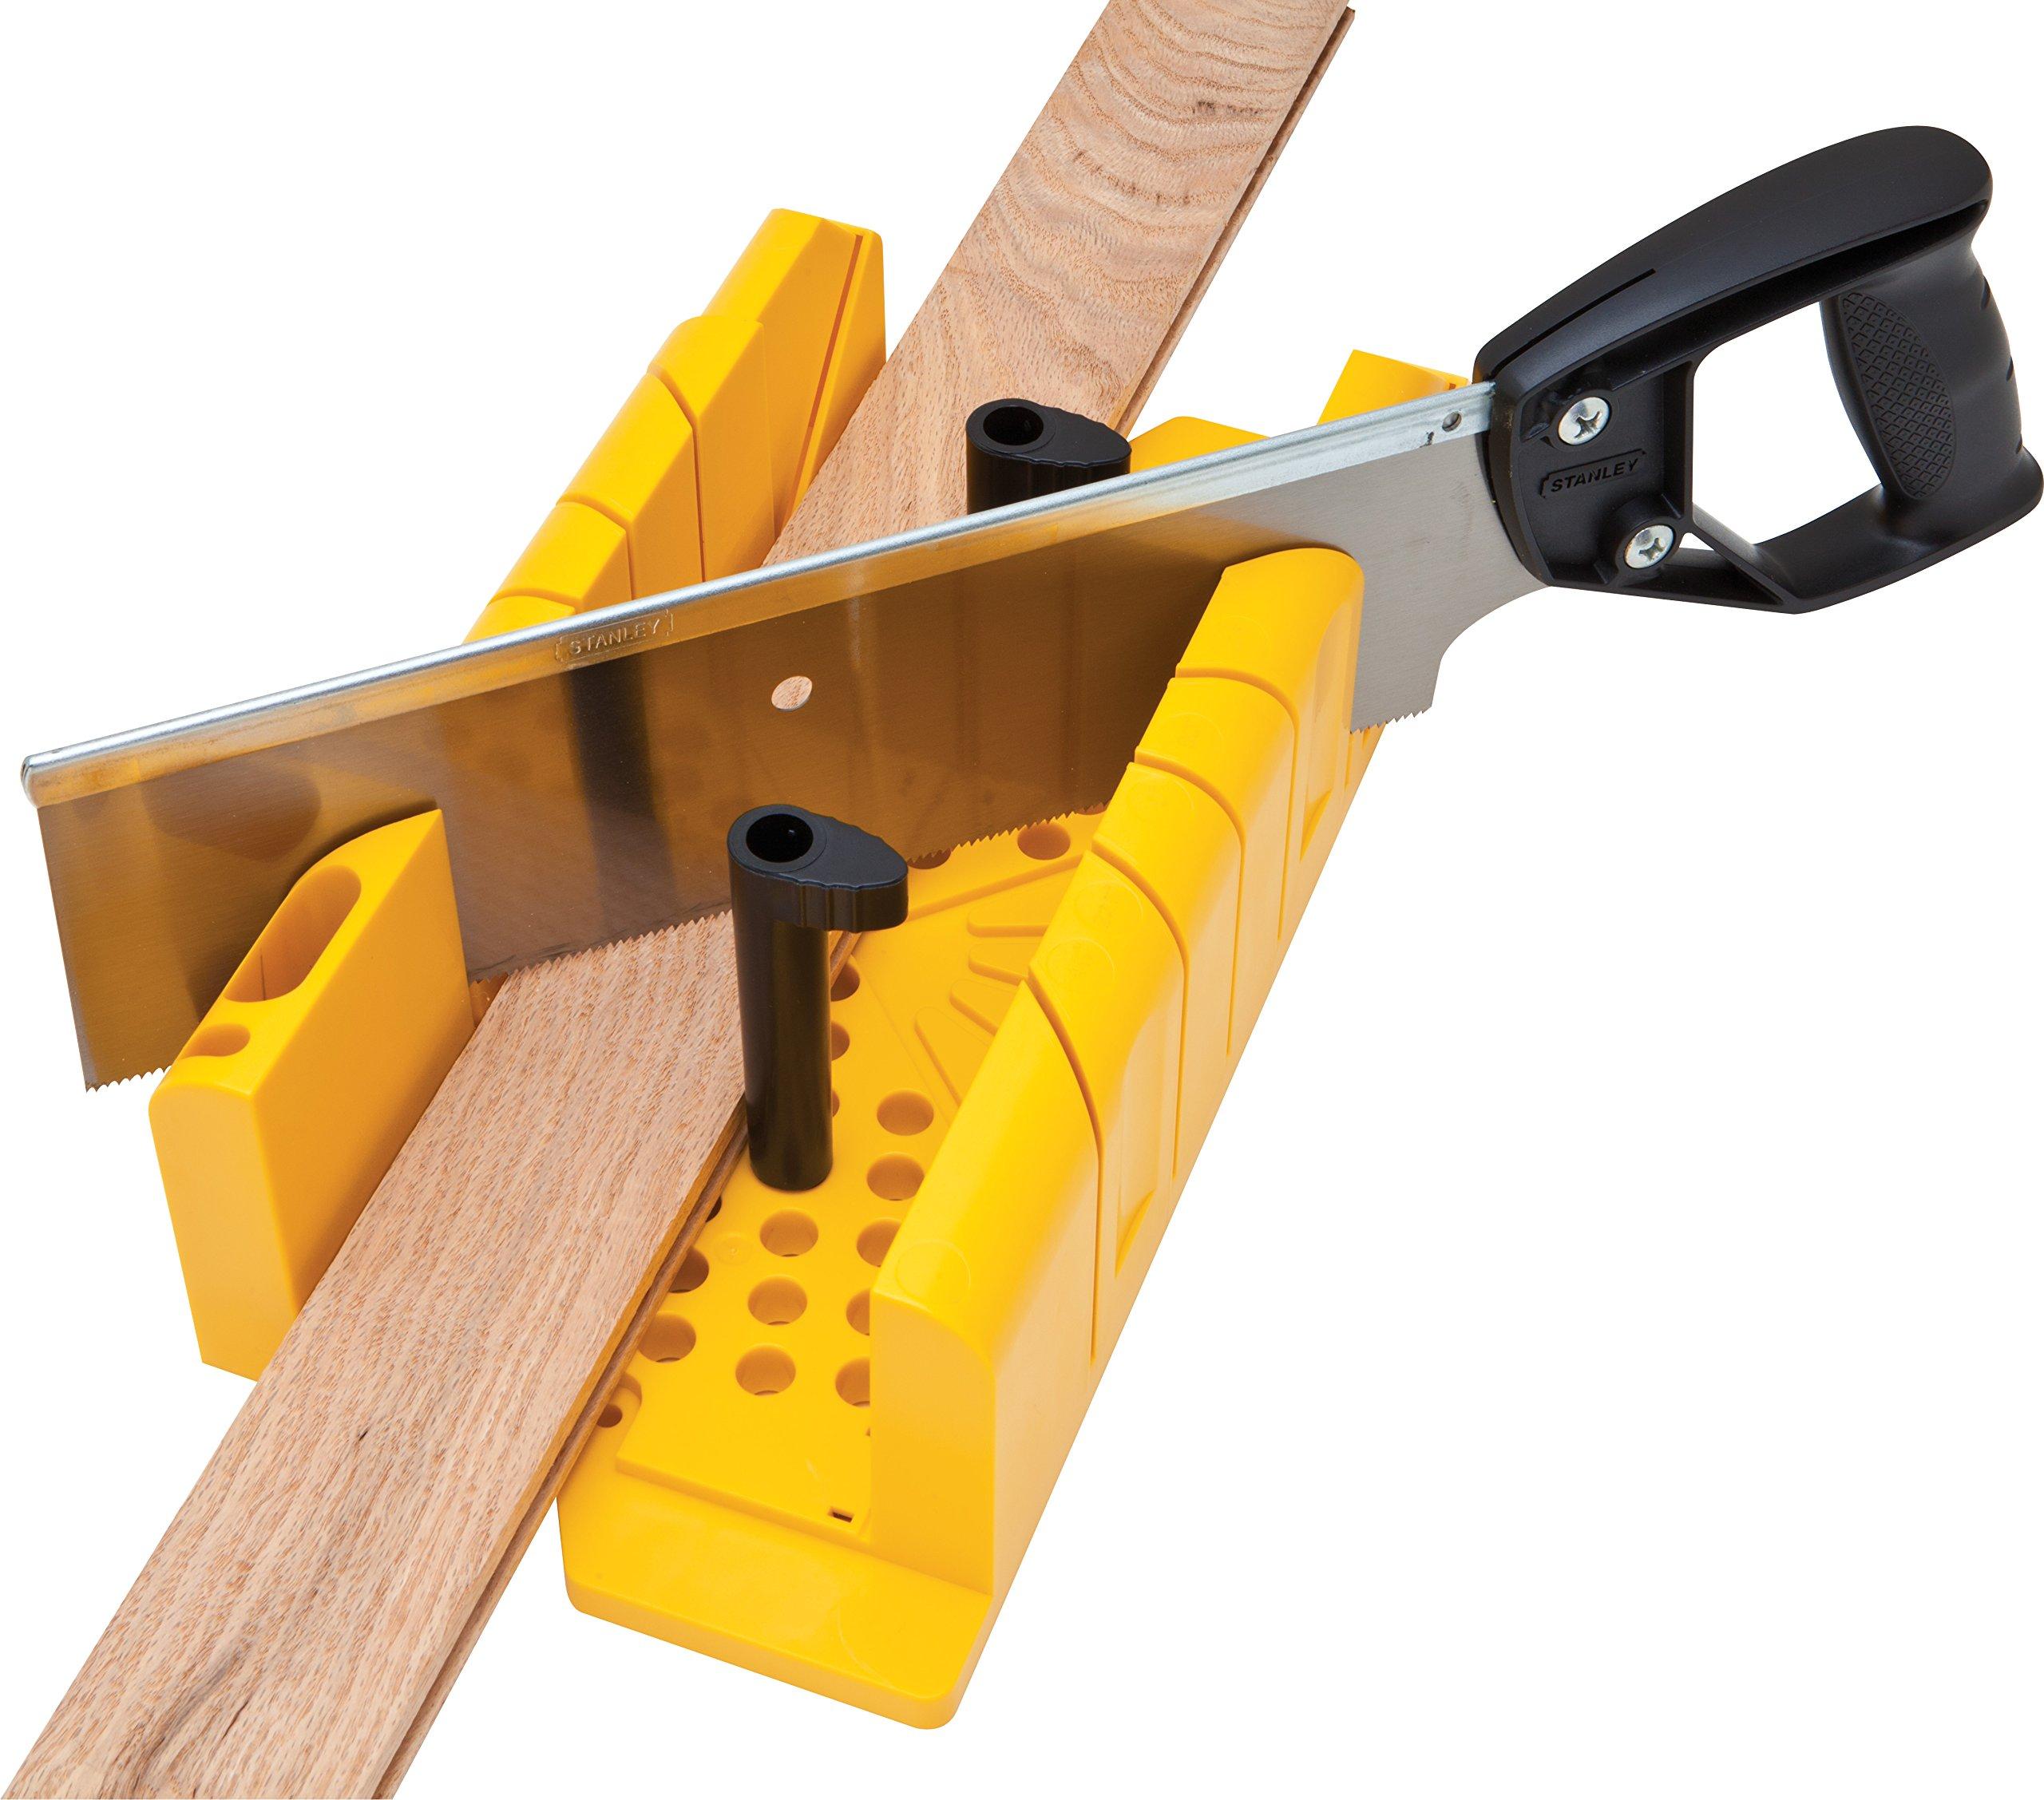 Stanley 1-20-600 Saw Storage Miter Box with Saw, Black